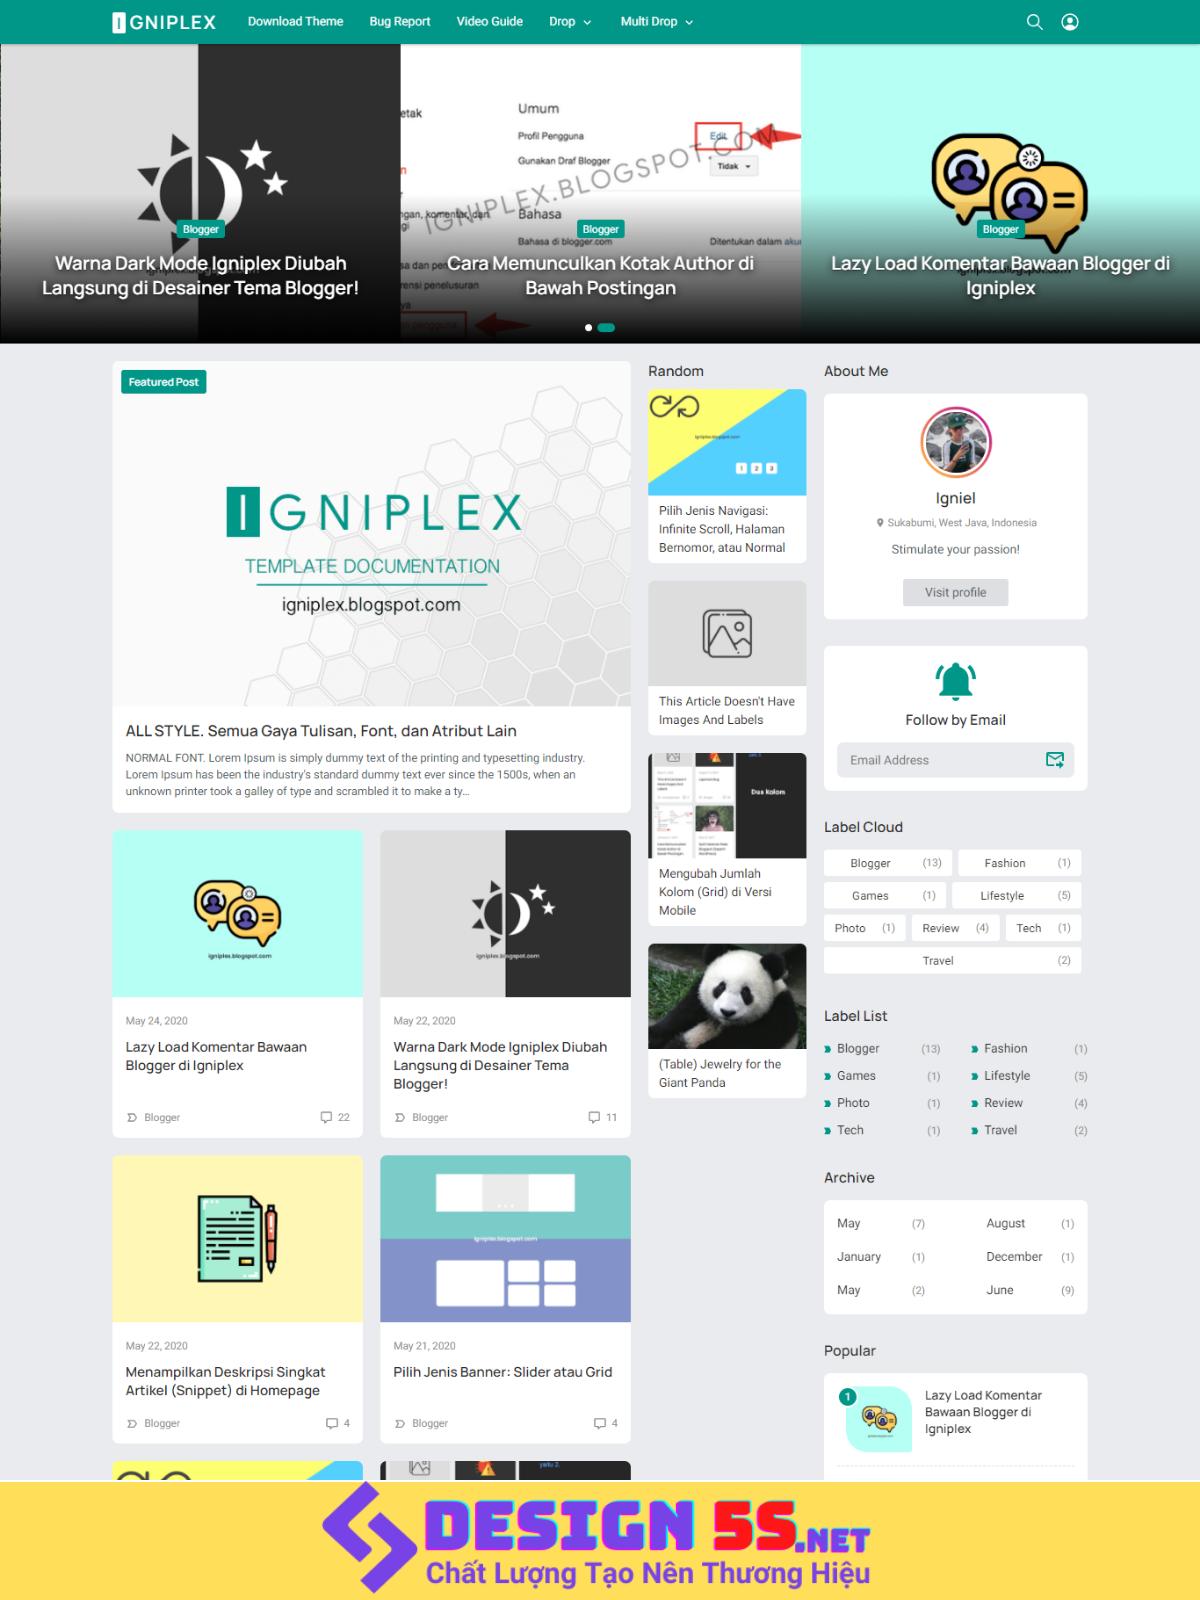 Igniplex Template Blogspot Chuẩn SEO, Tải Nhanh Miễn Phí